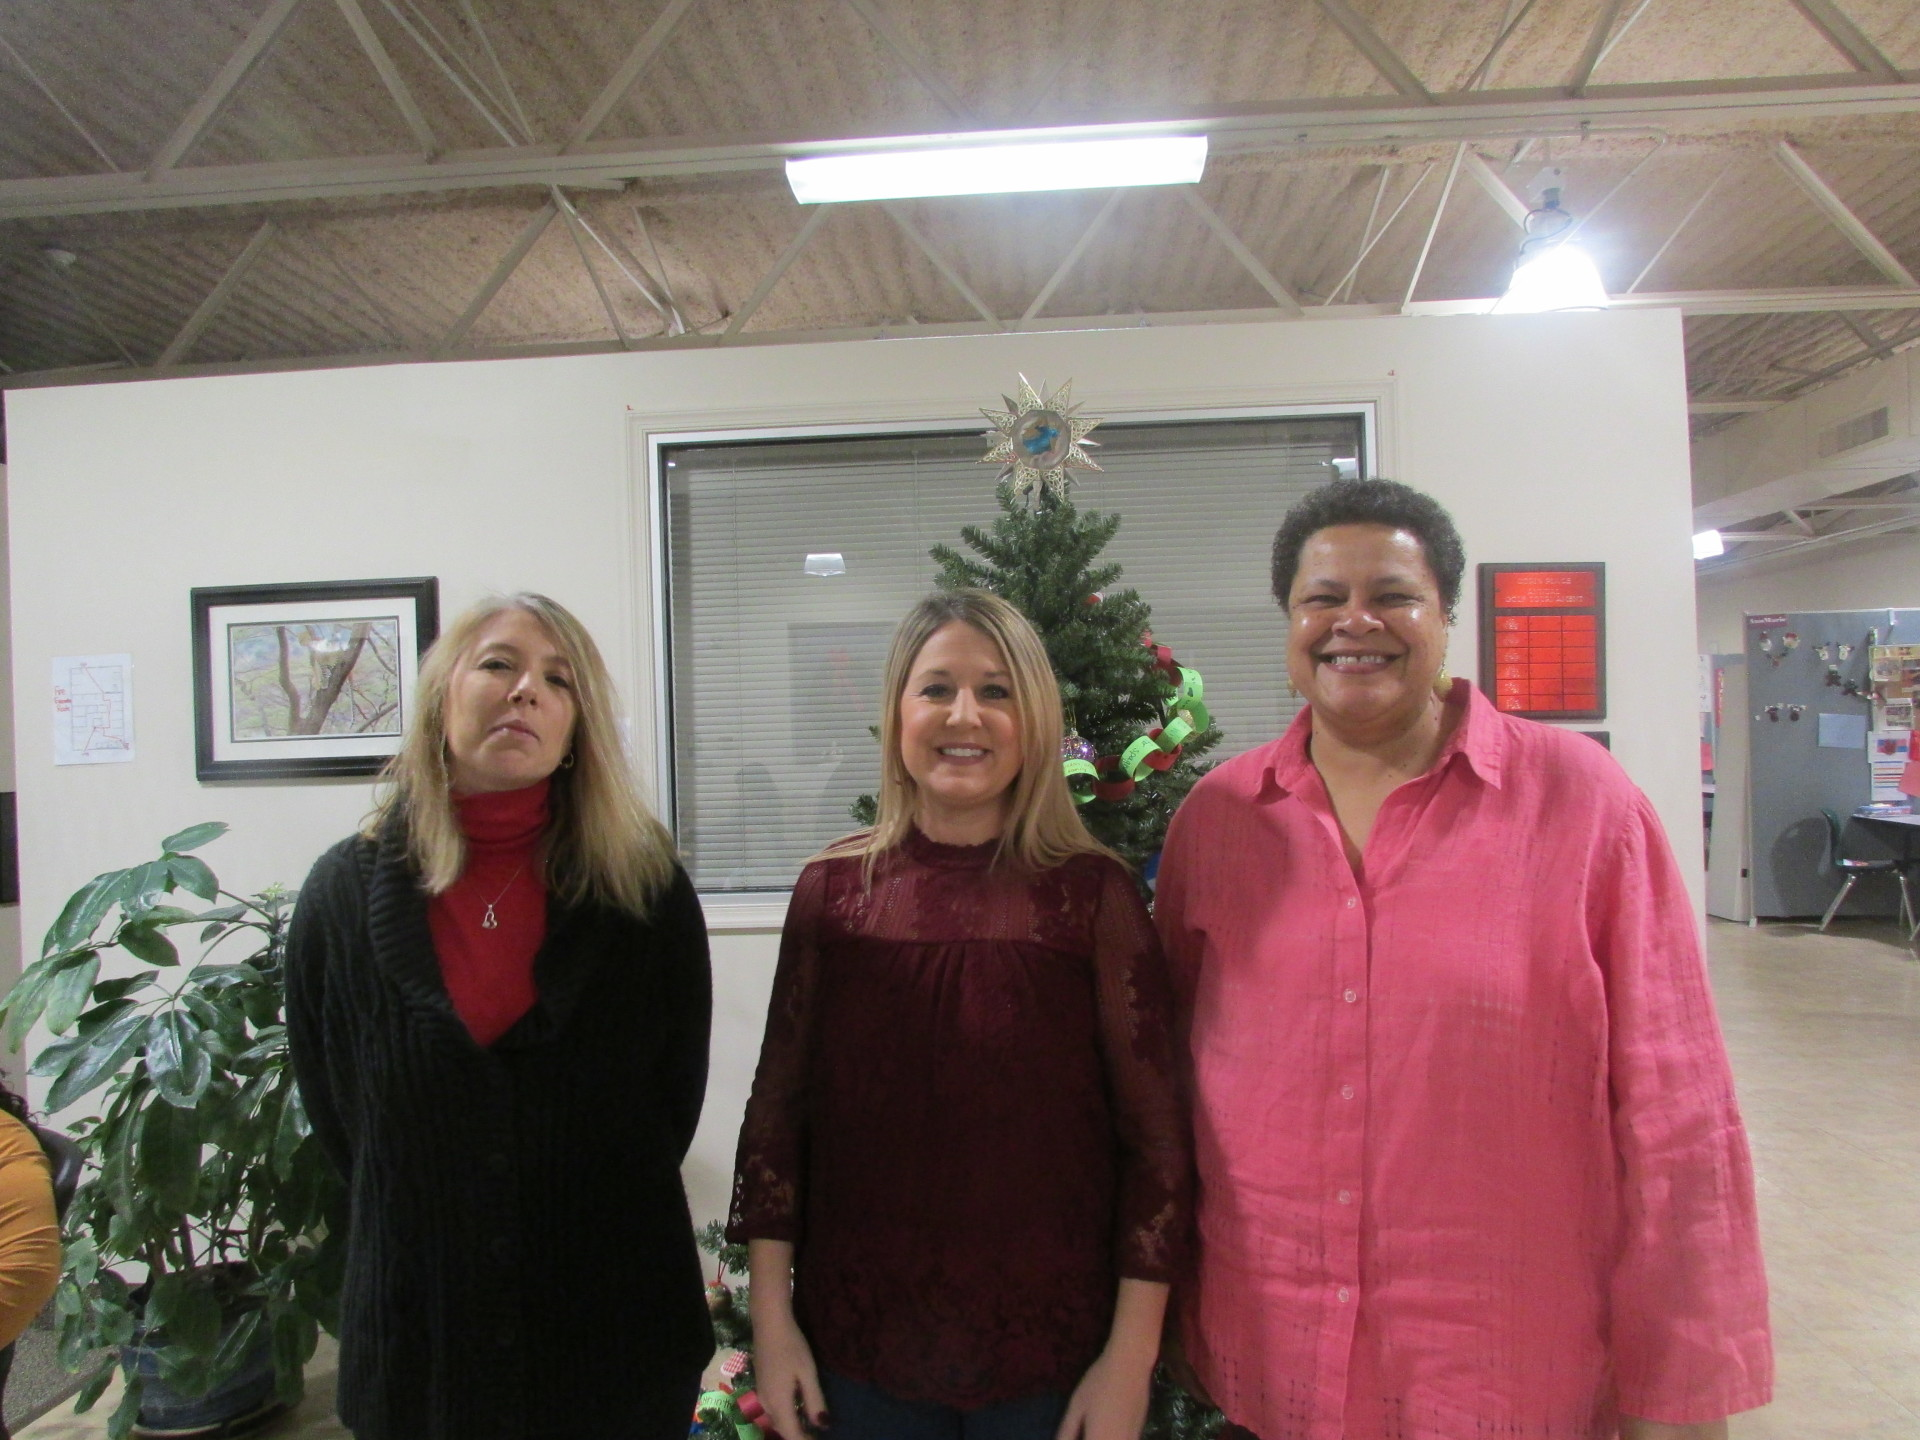 Julie, Melissa (again), & Ife